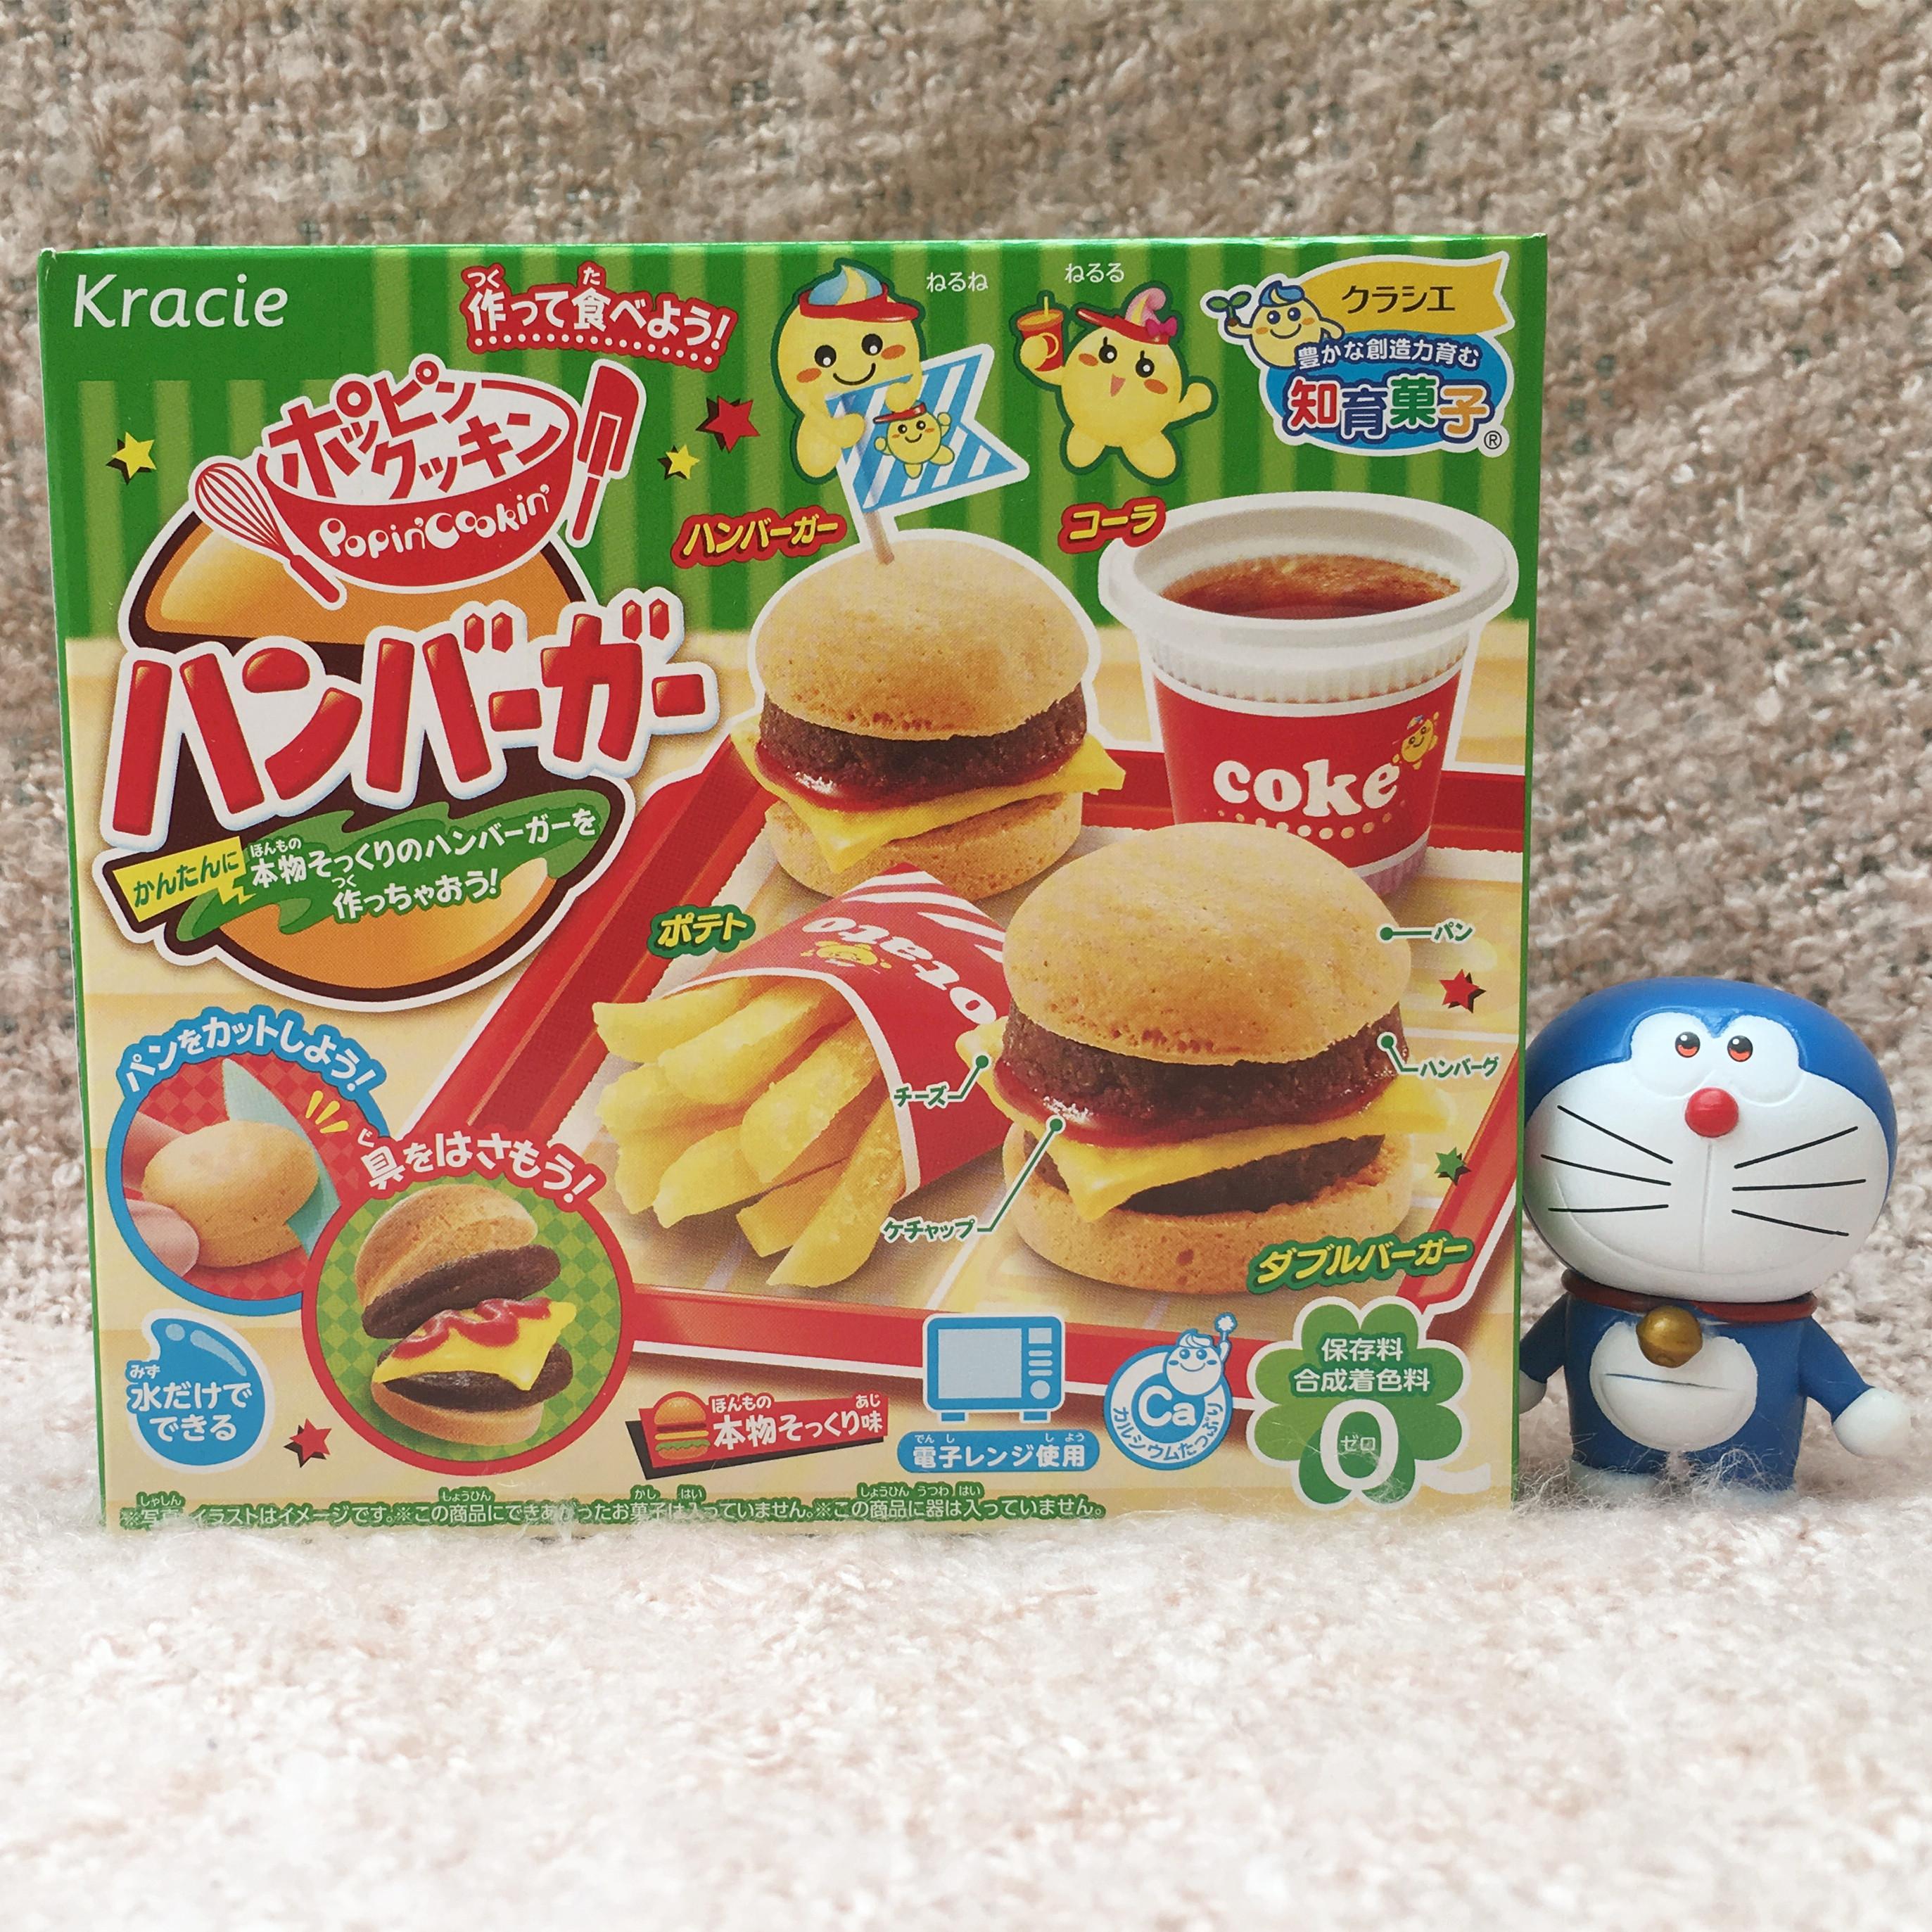 日本食玩嘉娜宝KRACIE汉堡造型DIY进口零食糖果迷你玩具儿童现货